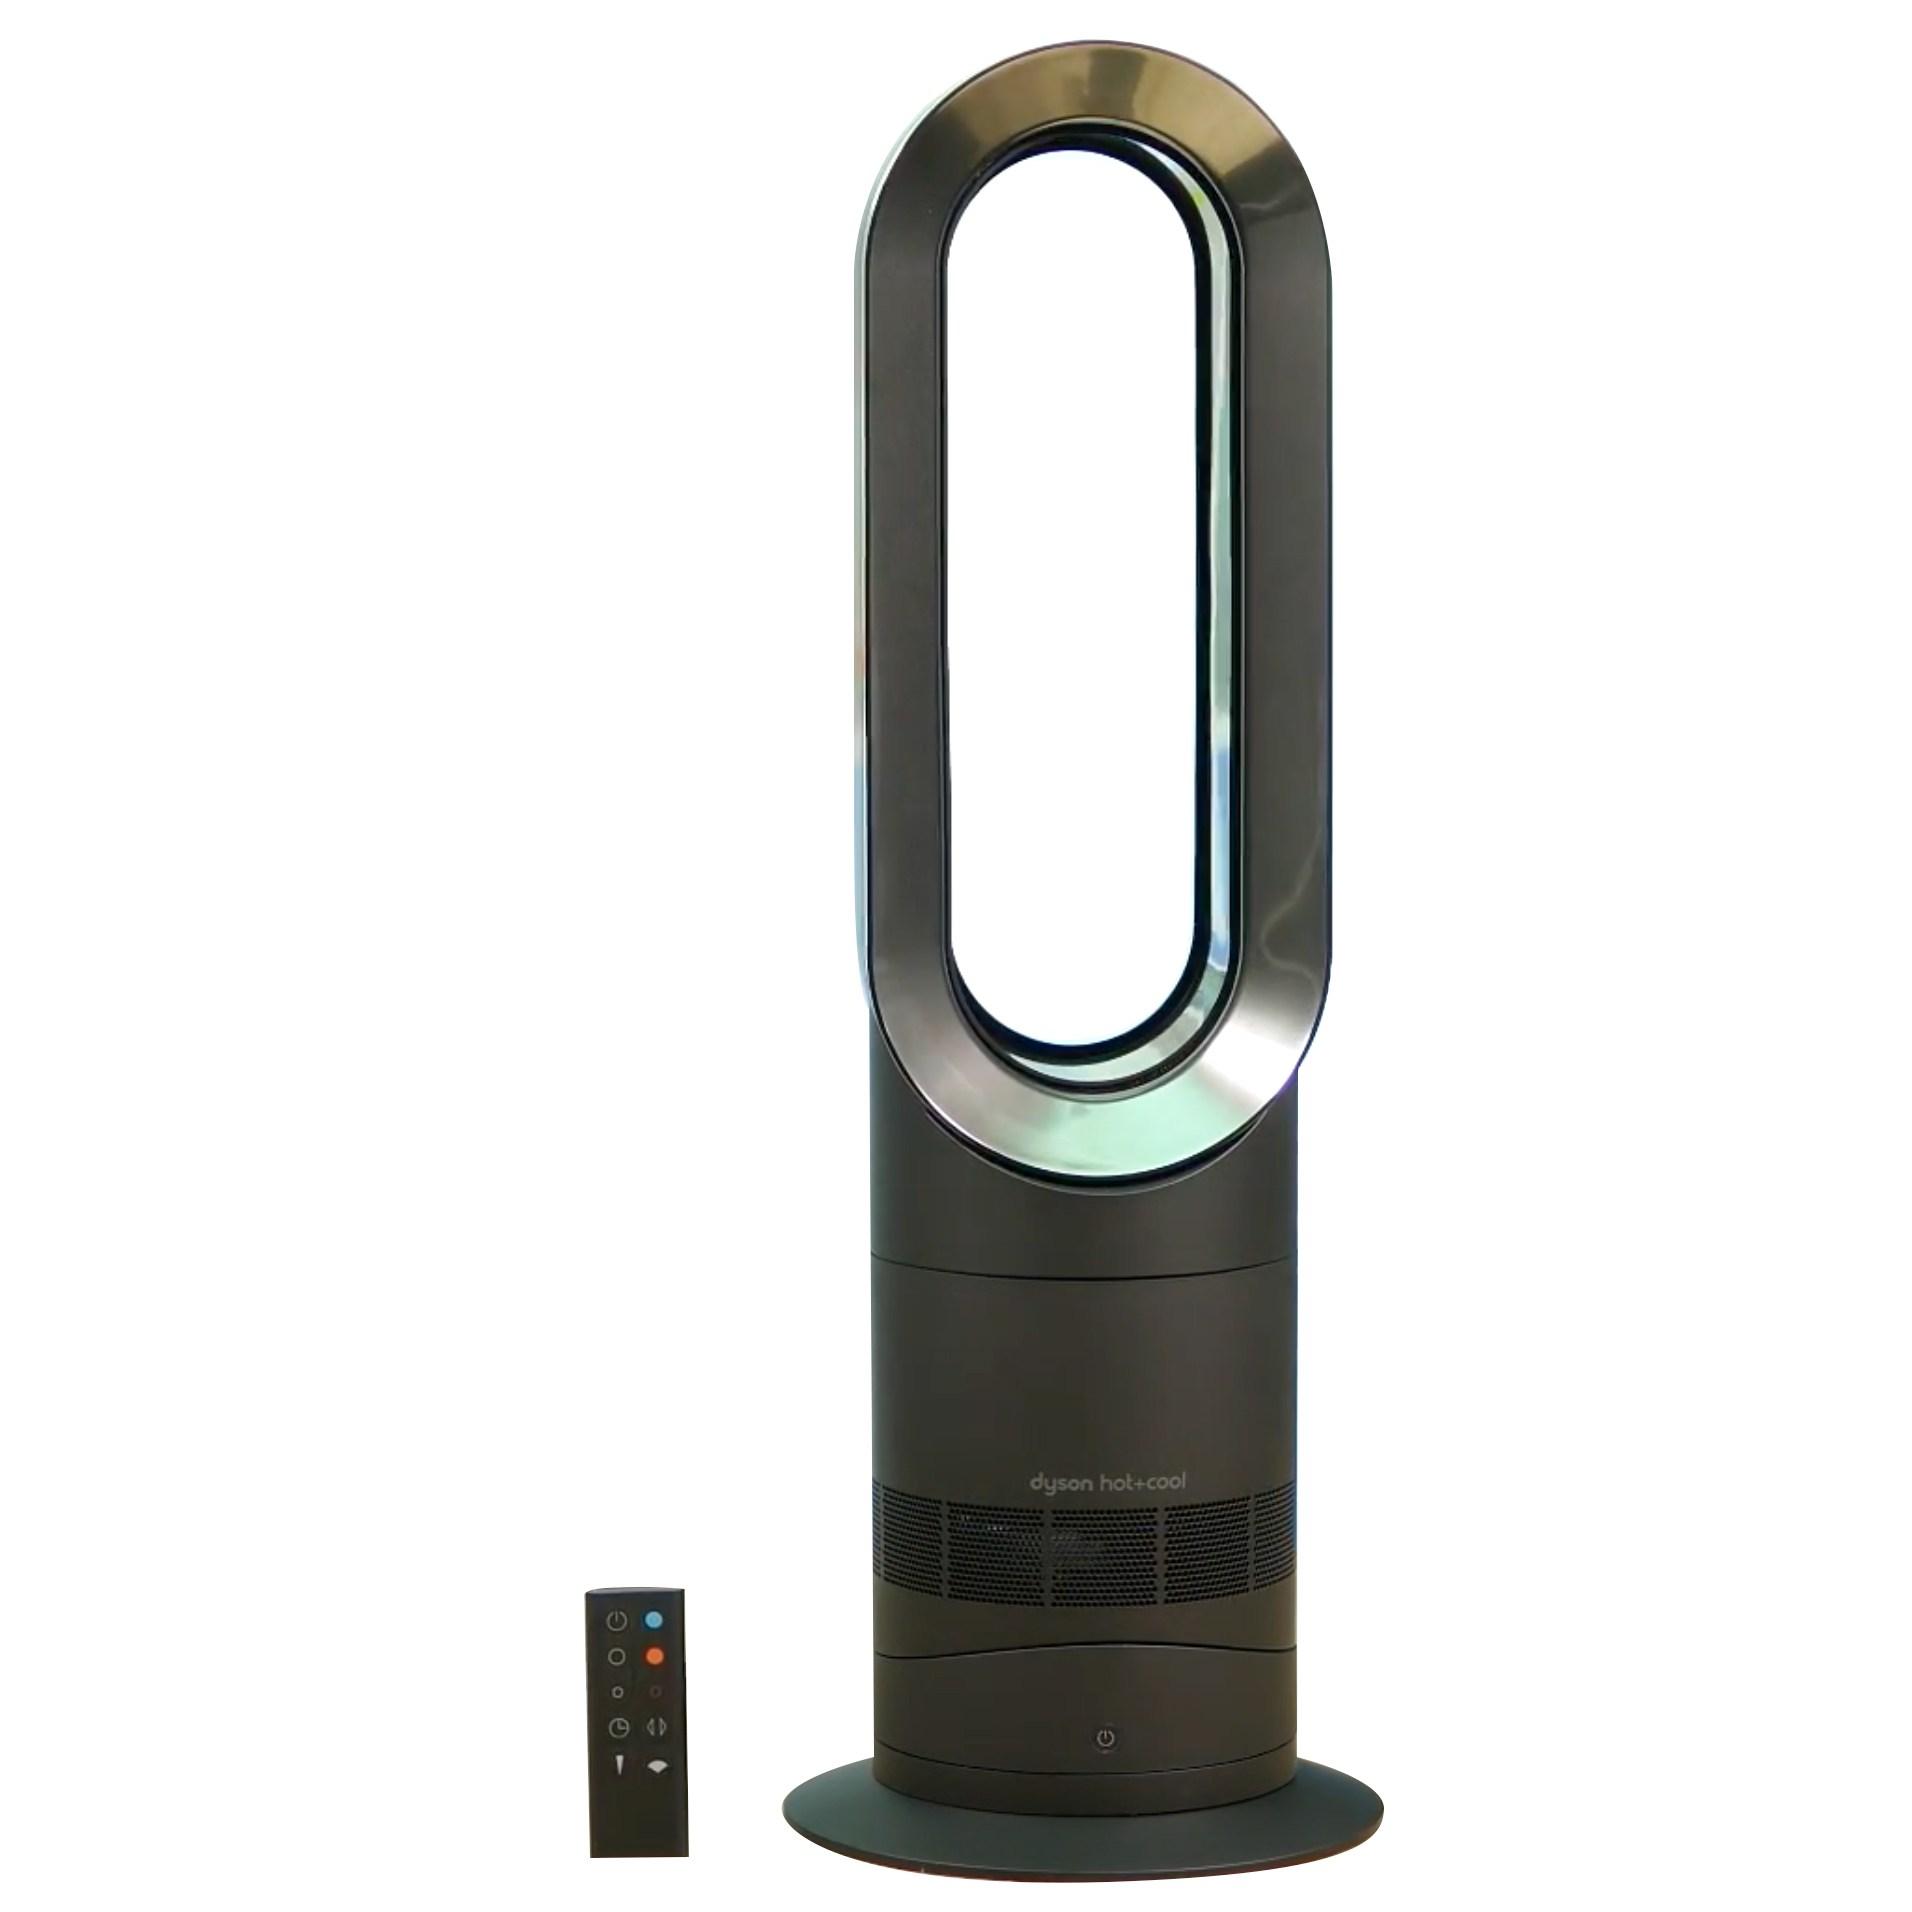 다이슨 제트 포커스 팬 히터 온풍+냉풍, Black + Nickel, AM09